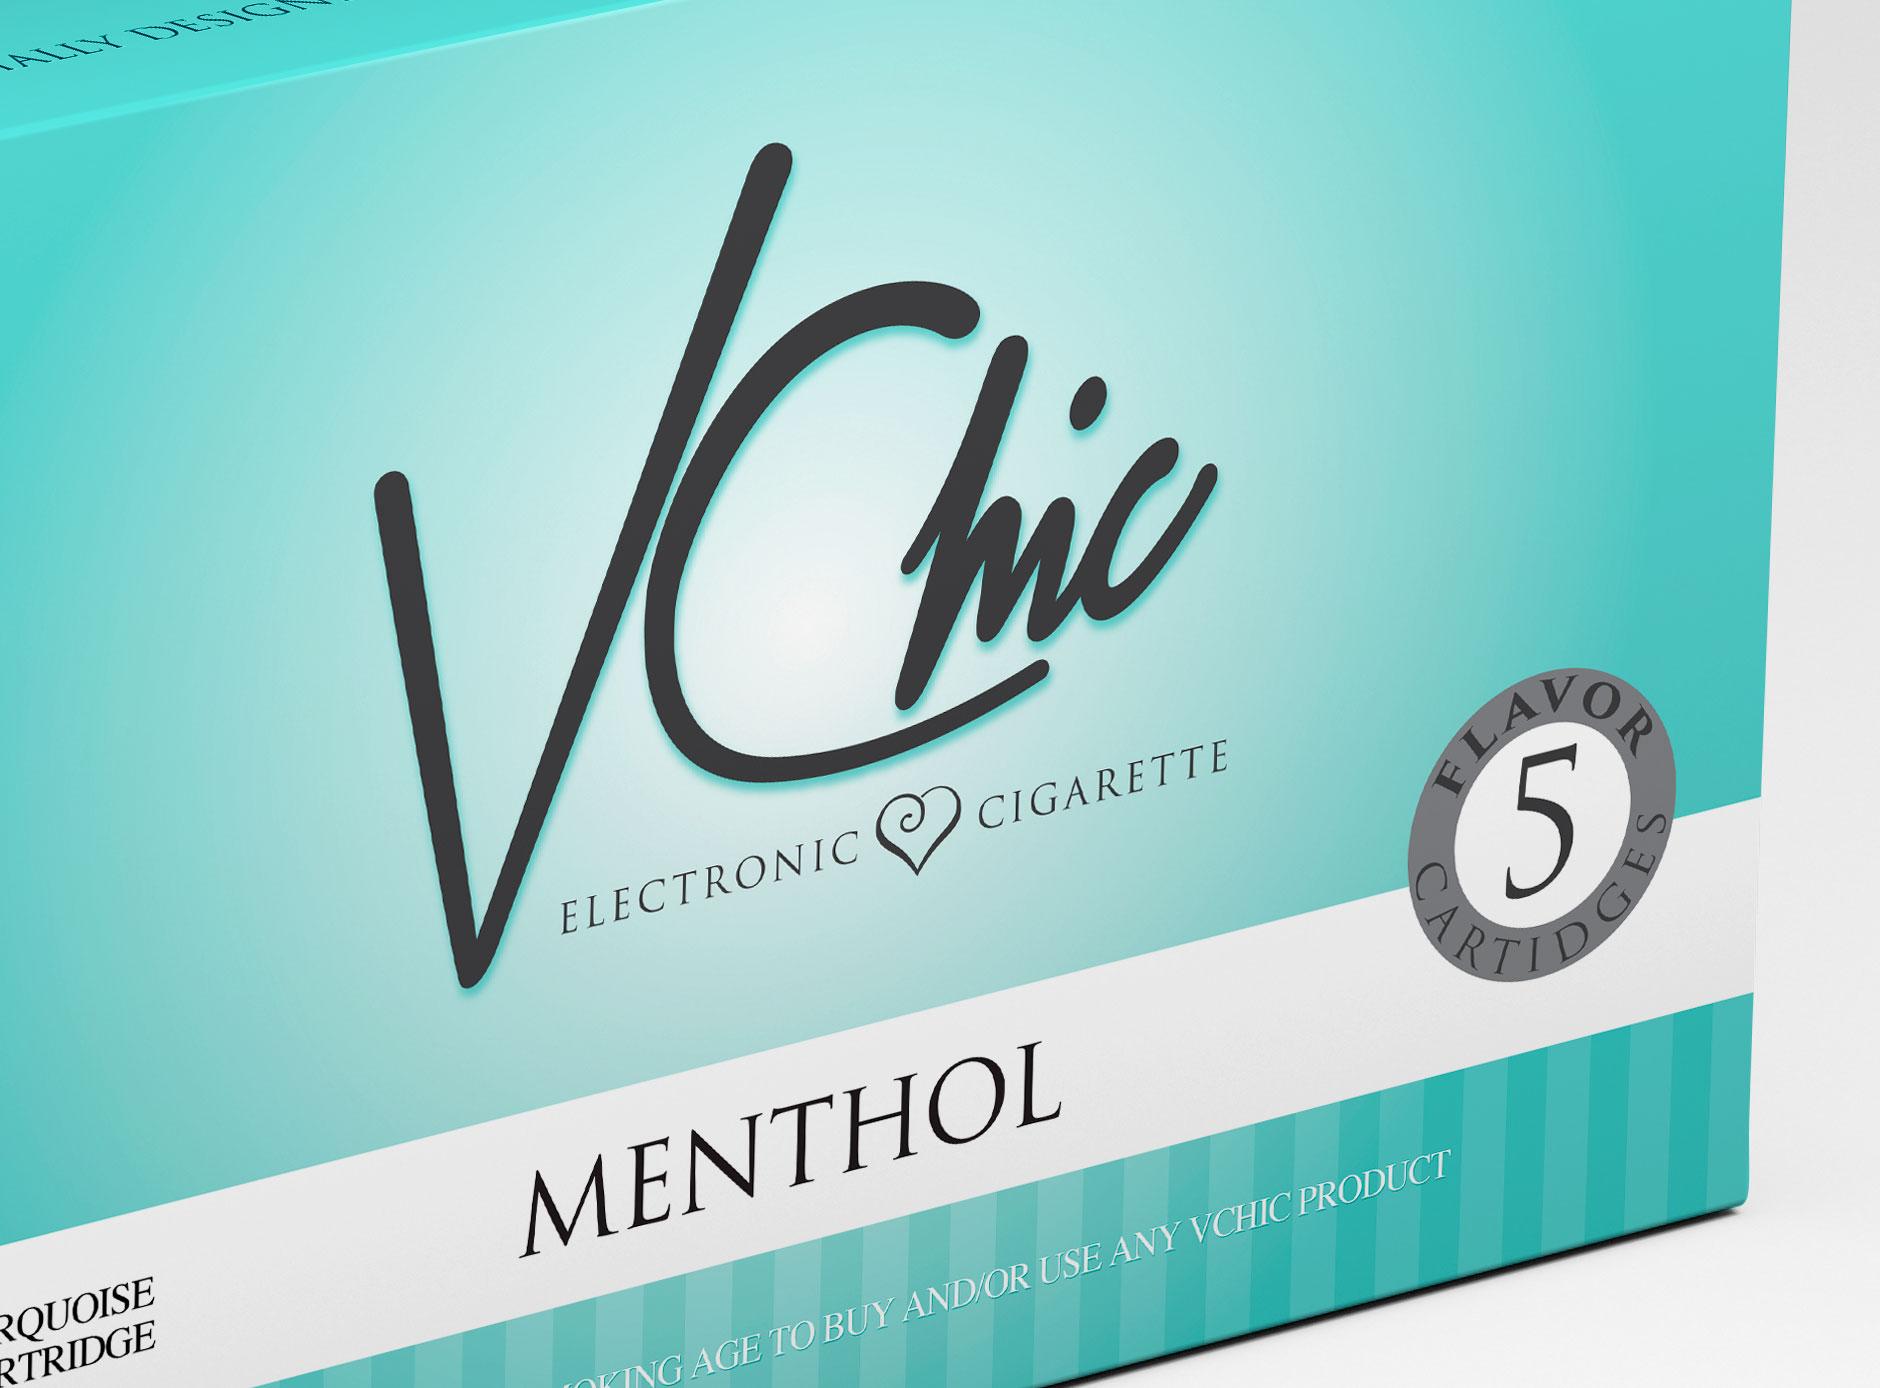 VChic-1880-Detail-2